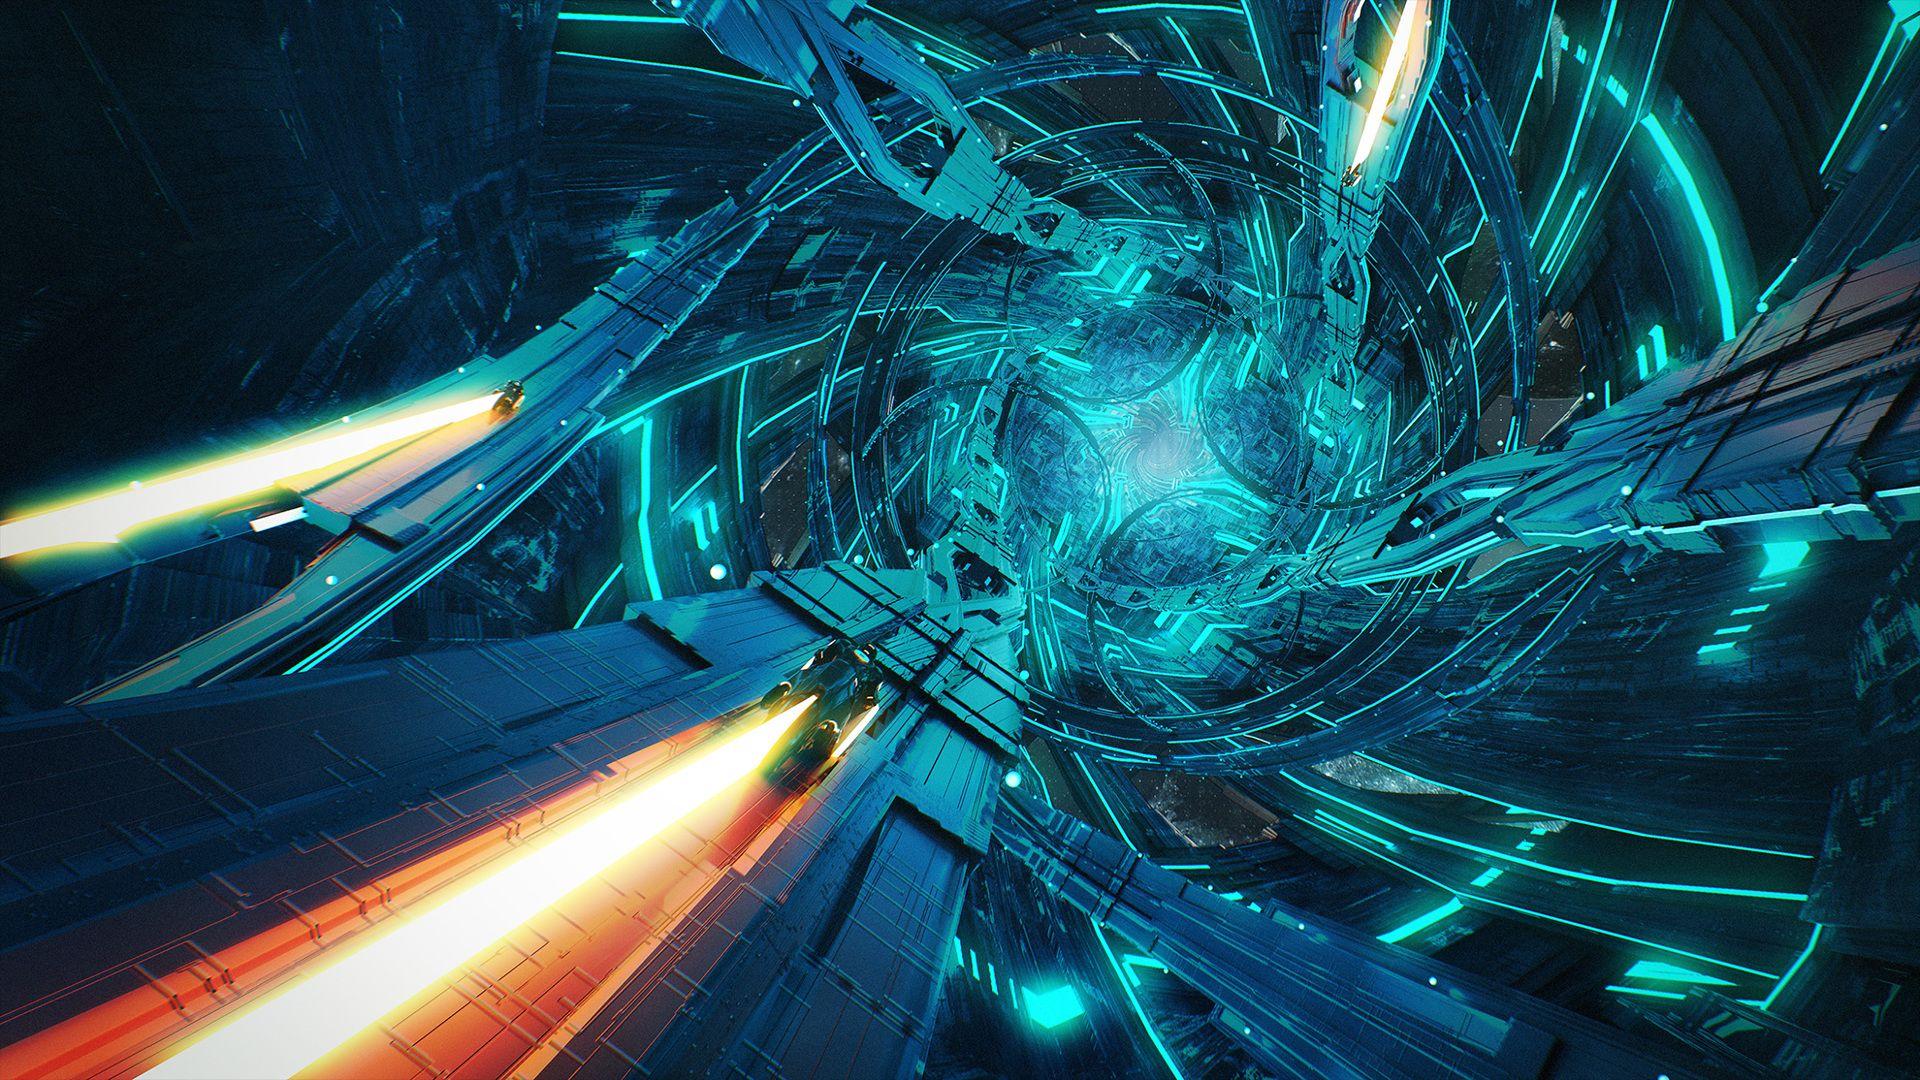 Digital Art & Game Design: TRON Concepts | 3D | Pinterest